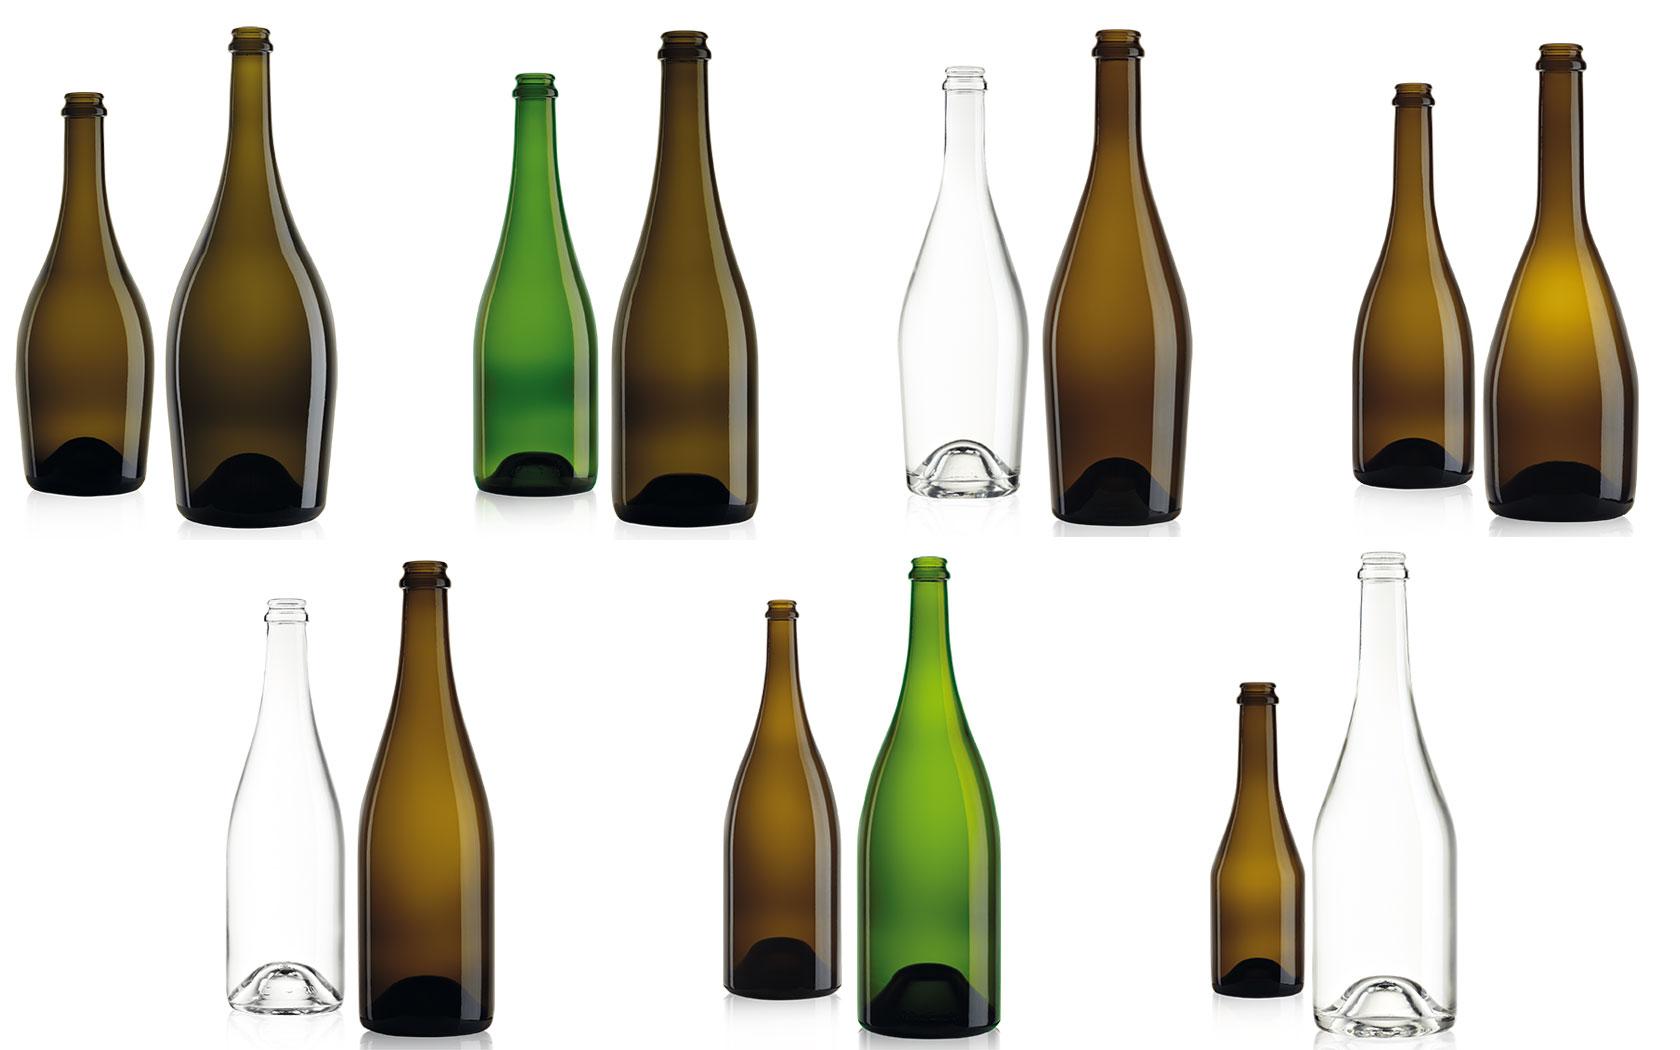 Les Bouteilles Verreries De Bourgogne A Beaune